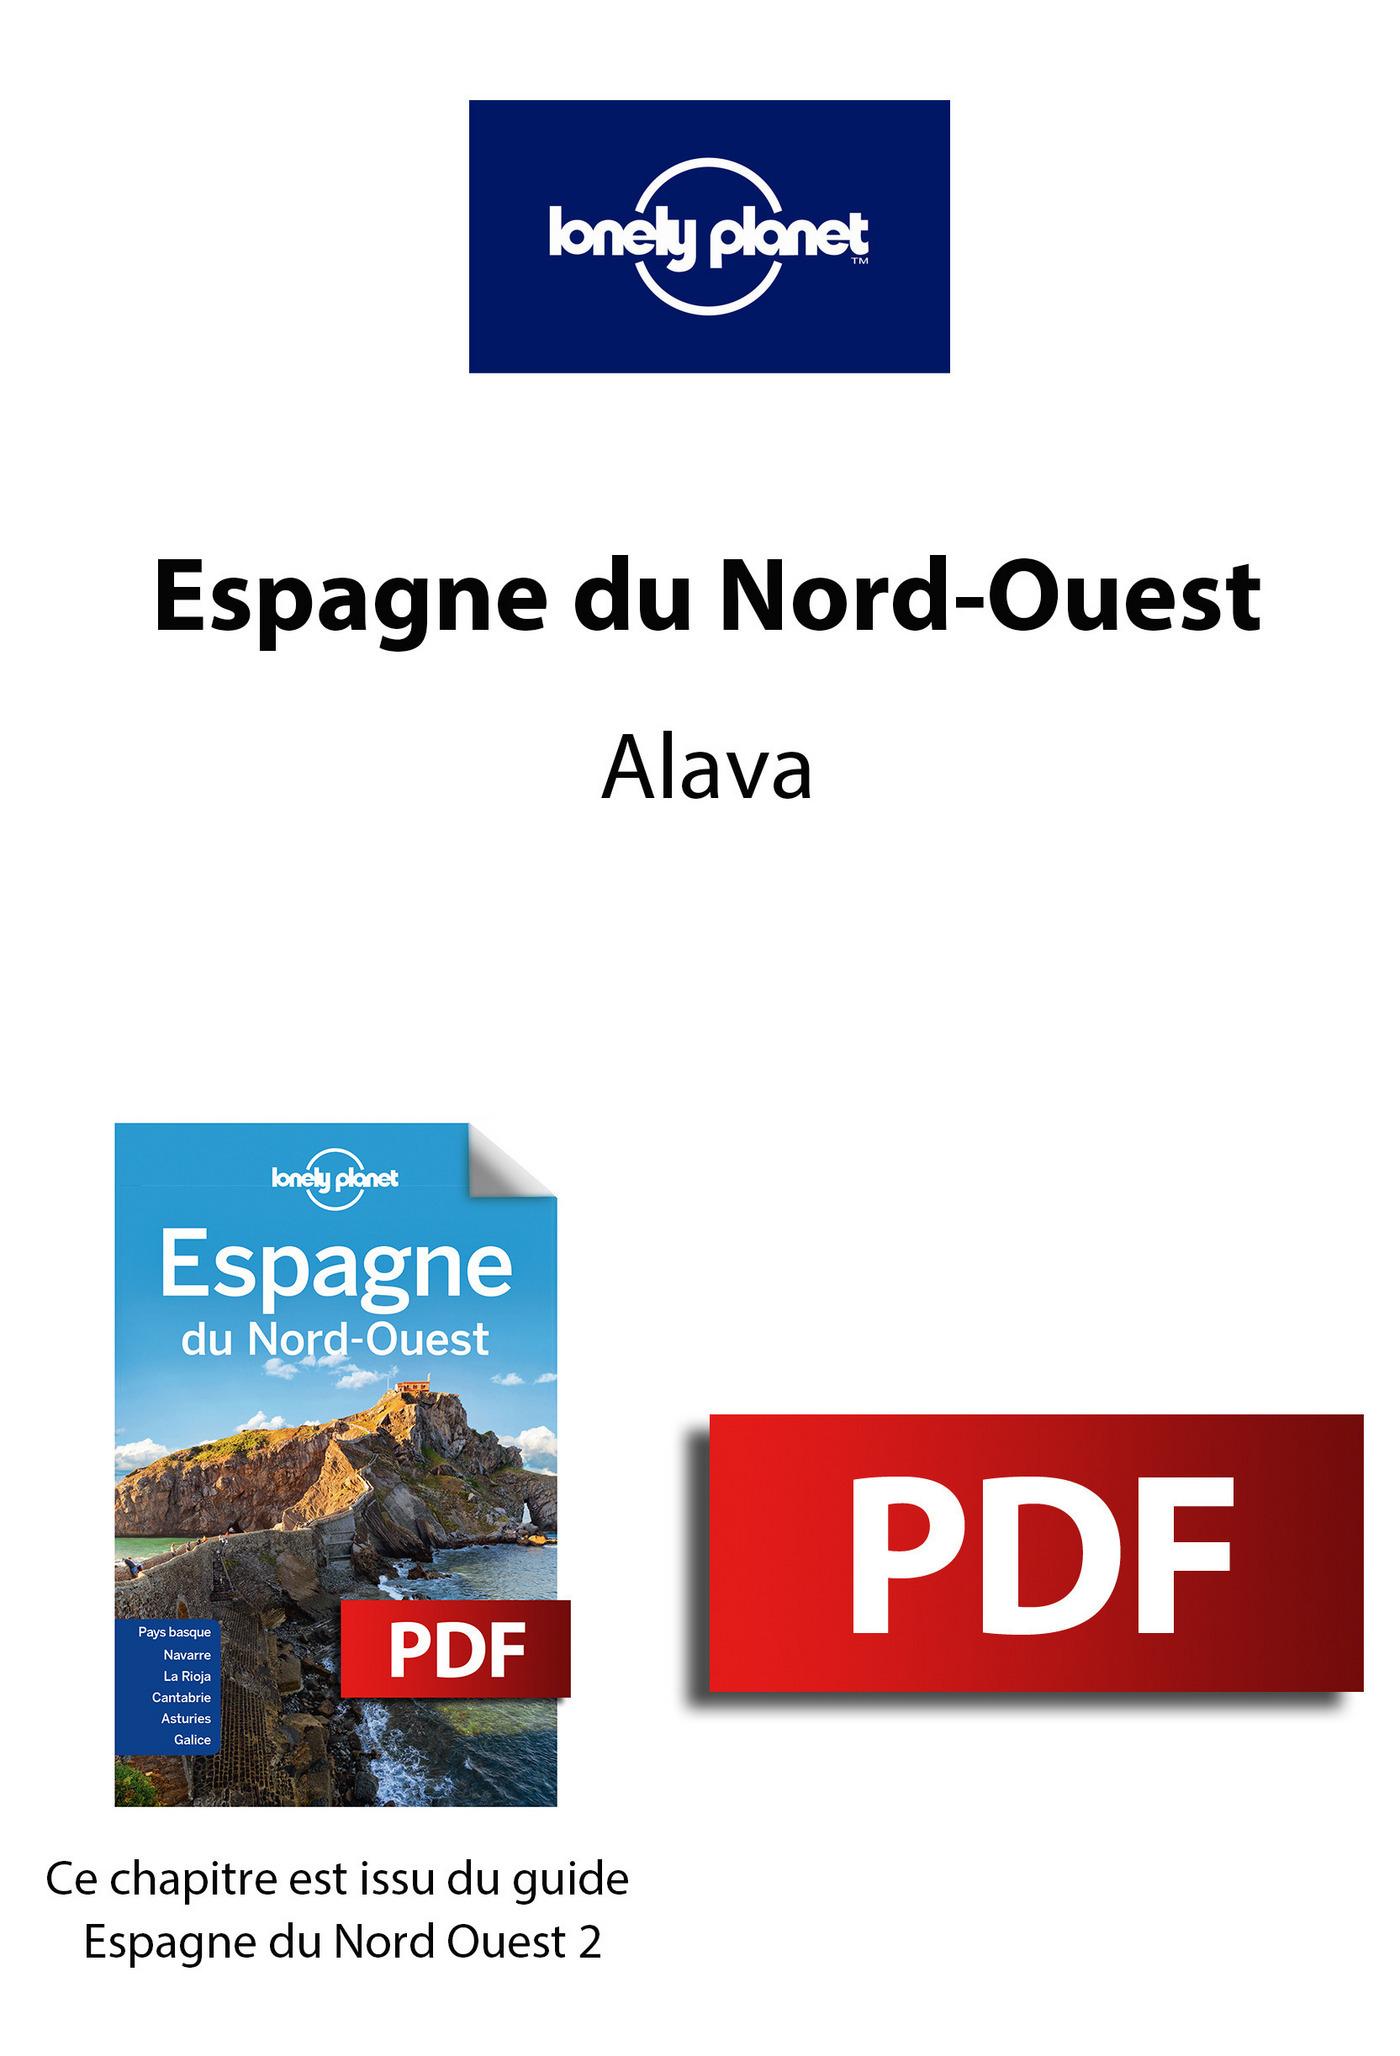 Espagne du Nord-Ouest - Alava